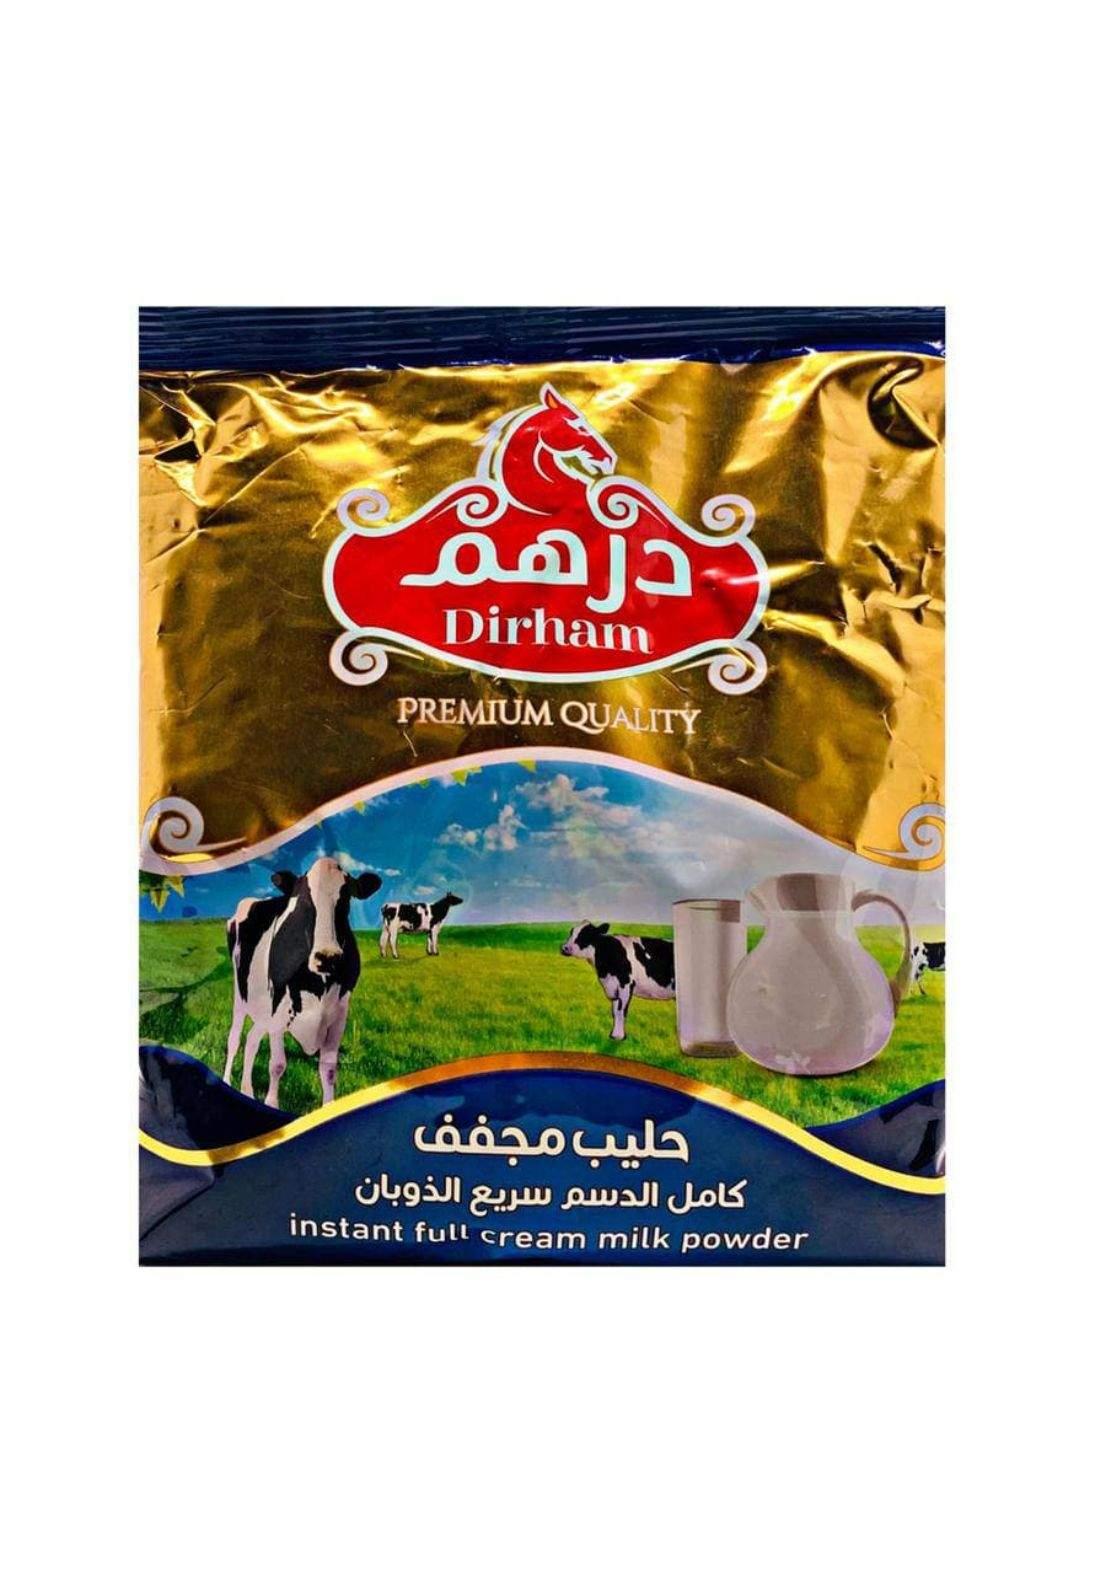 Dirham instant full cream milk powder 190g درهم حليب مجفف